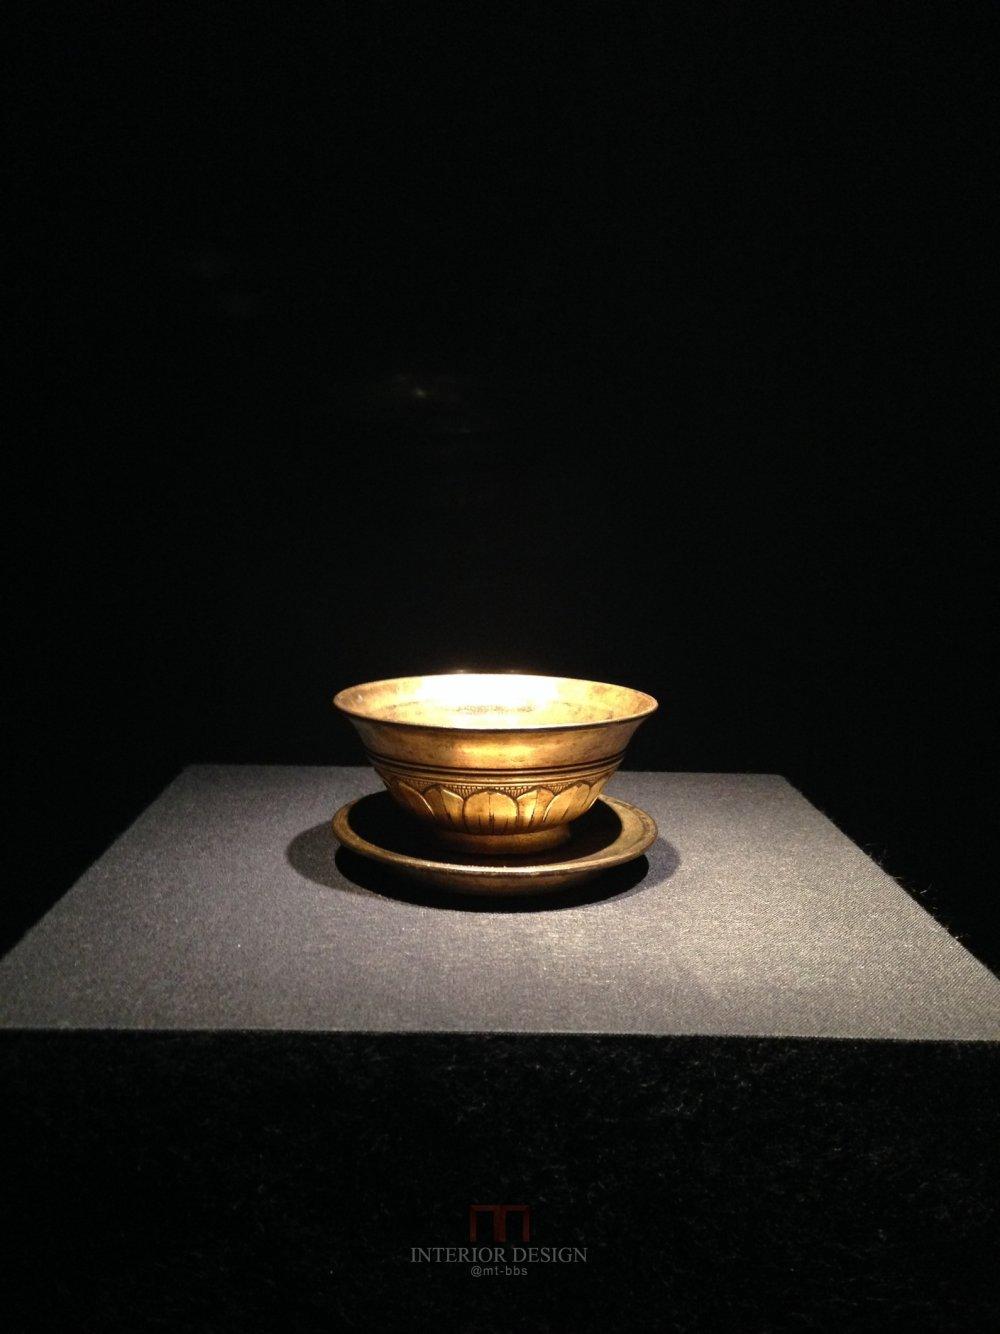 日本美秀美术馆MIHO MUSEUM自拍分享-贝聿铭_IMG_7269.JPG